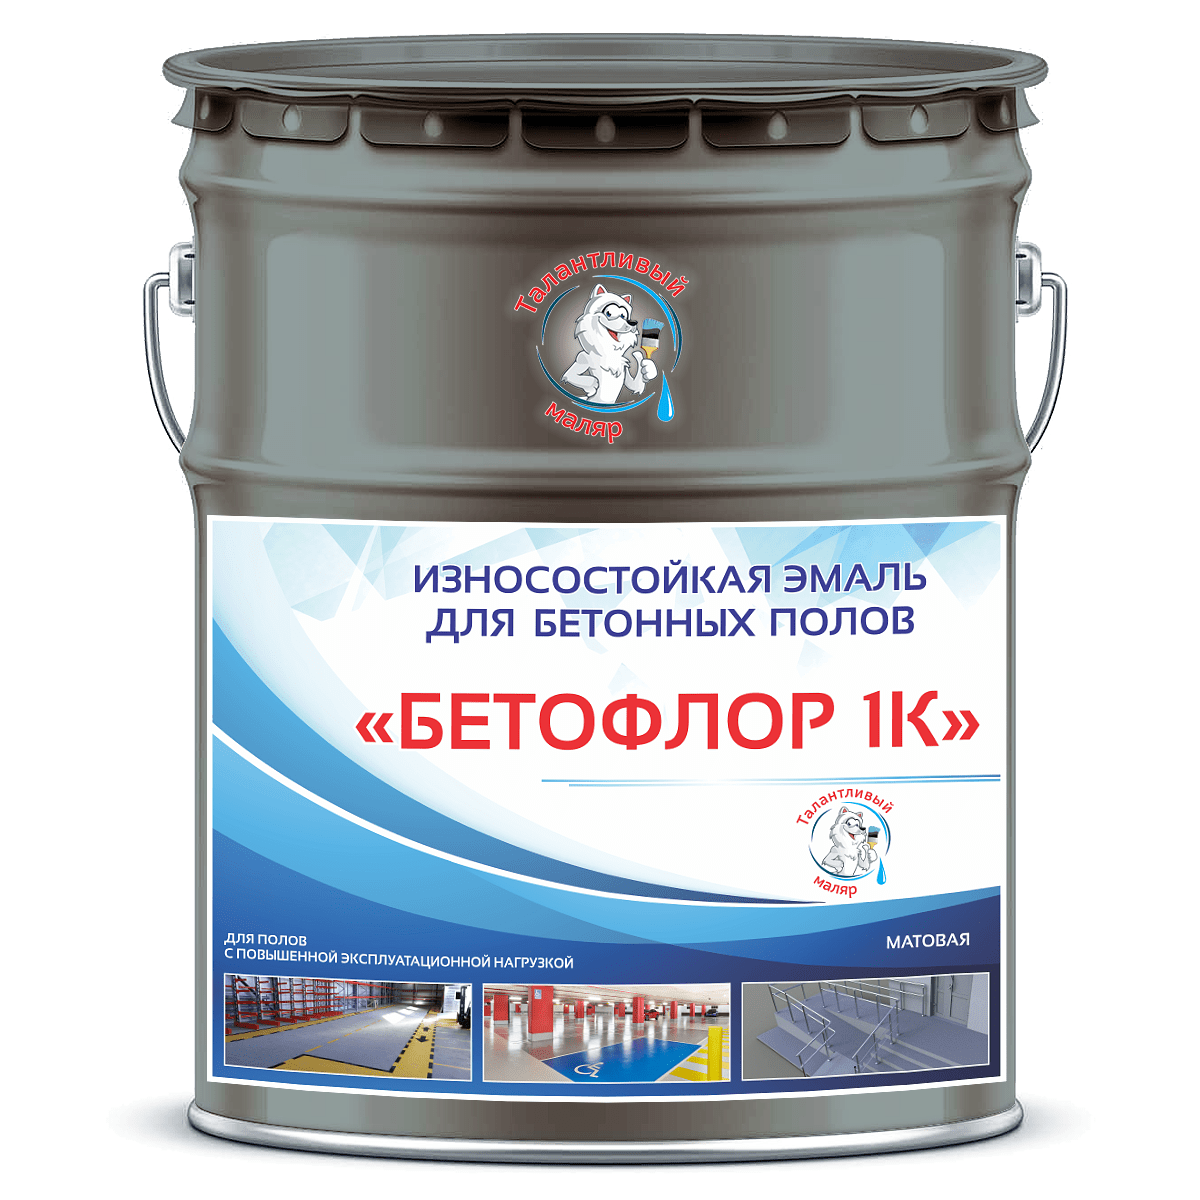 """Фото 14 - BF7015 Эмаль для бетонных полов """"Бетофлор"""" 1К цвет RAL 7015 Серый сланец, матовая износостойкая, 25 кг """"Талантливый Маляр""""."""